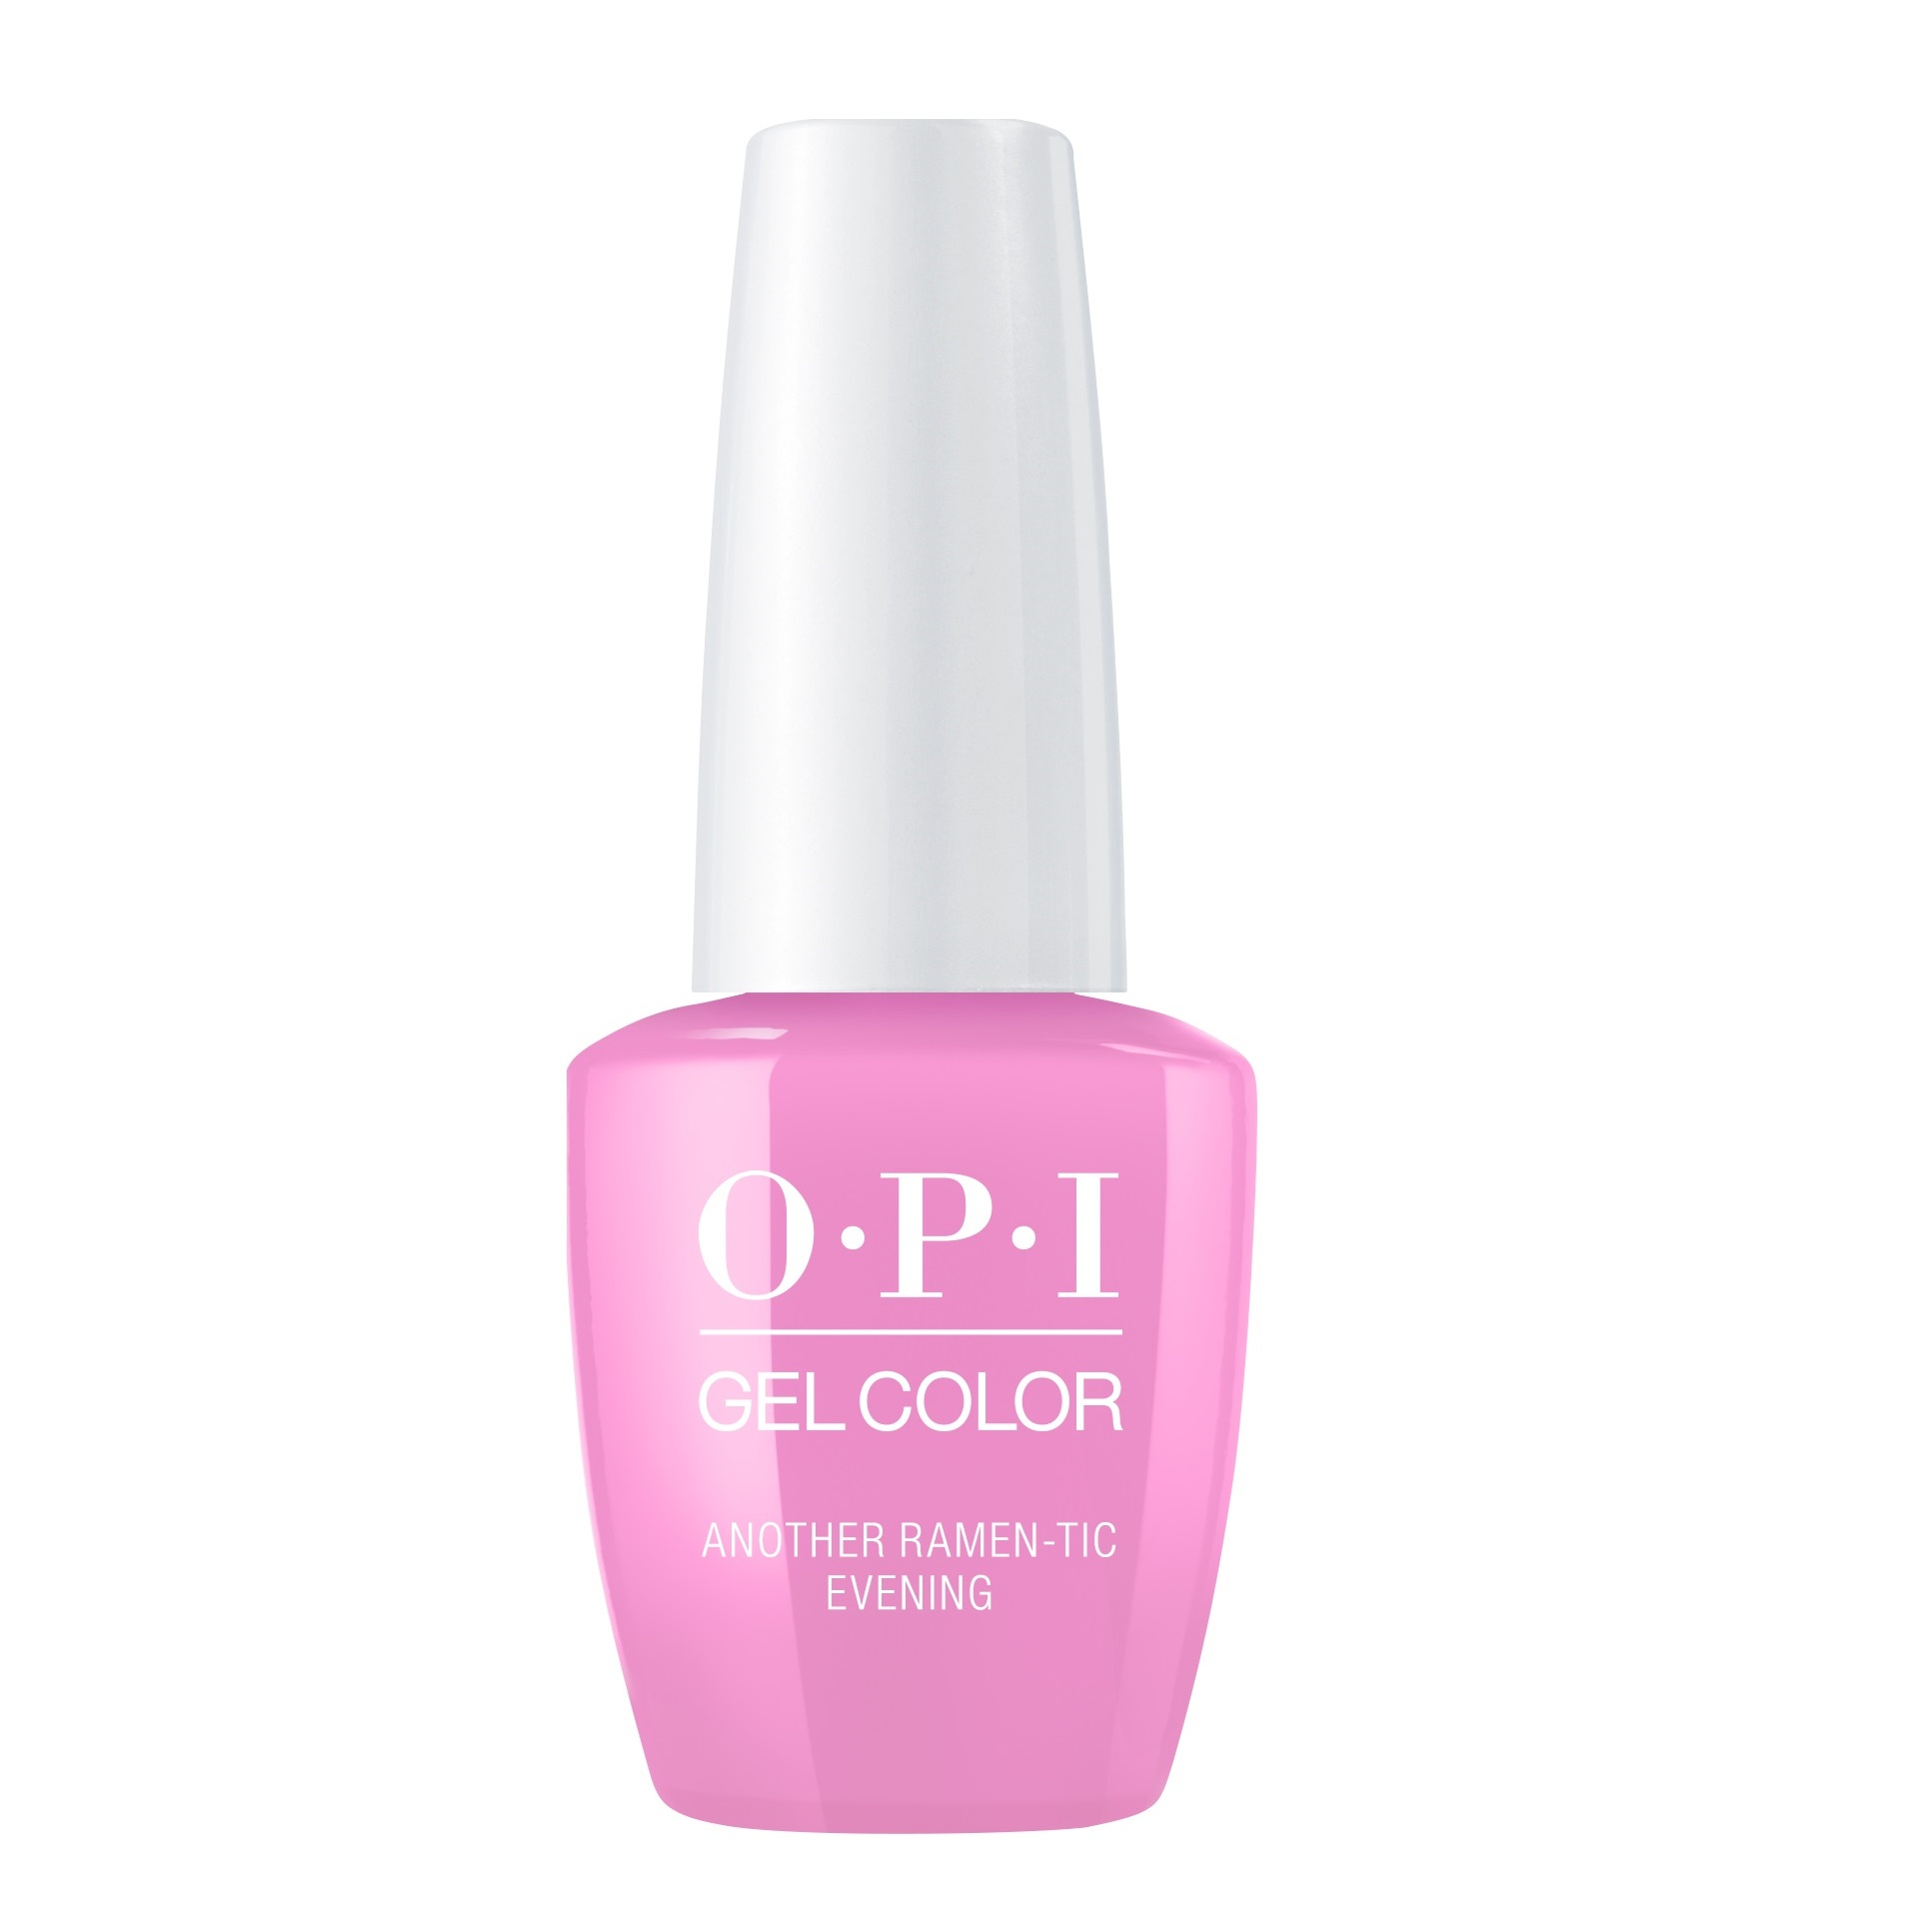 OPI Гель-лак для ногтей / Another Ramentic Evening Gel Color 15 мл